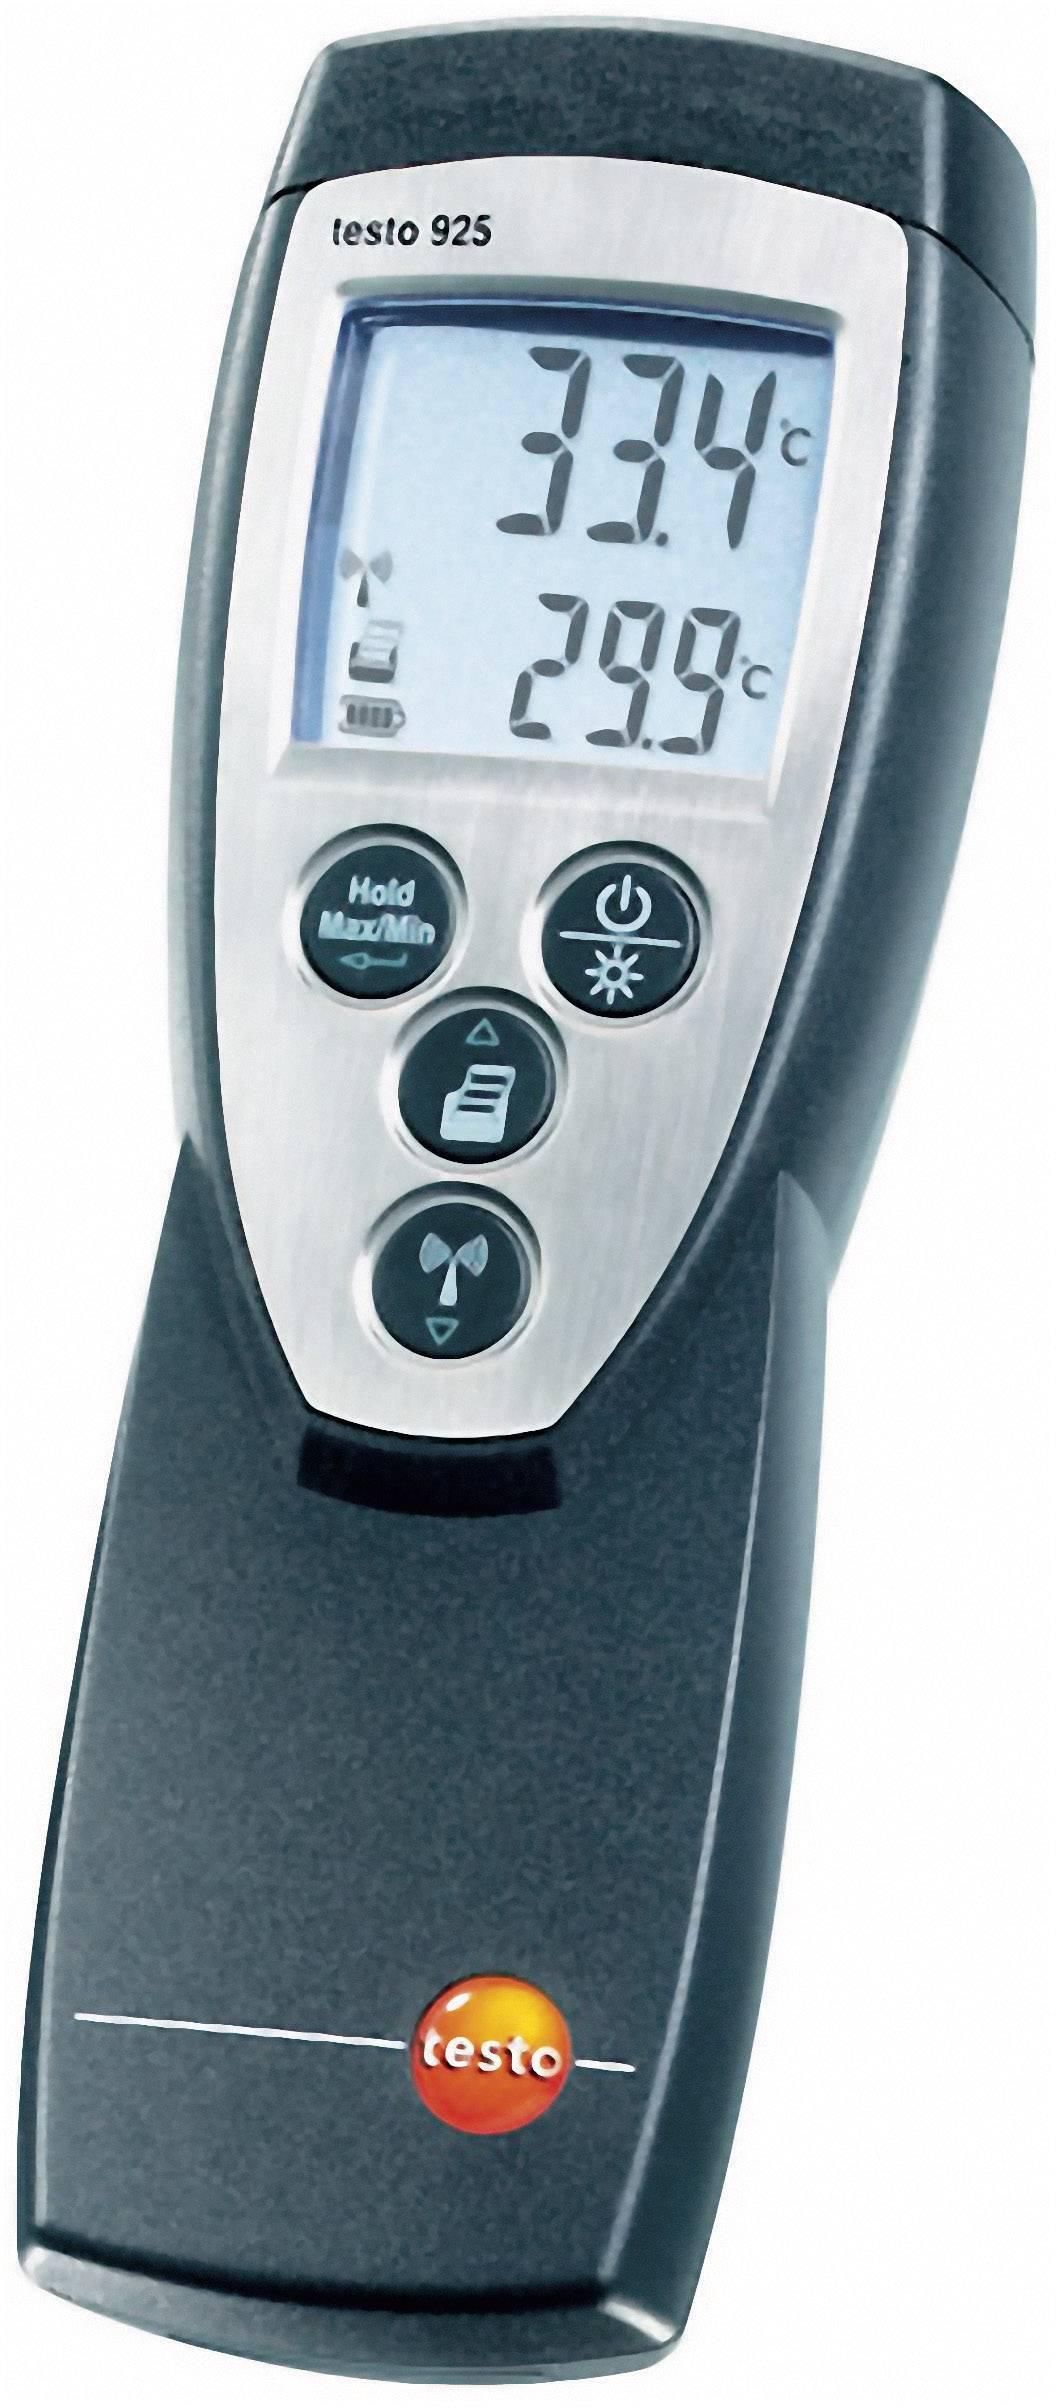 Teplomer testo 925, -50 až +500 °C, akčná sada